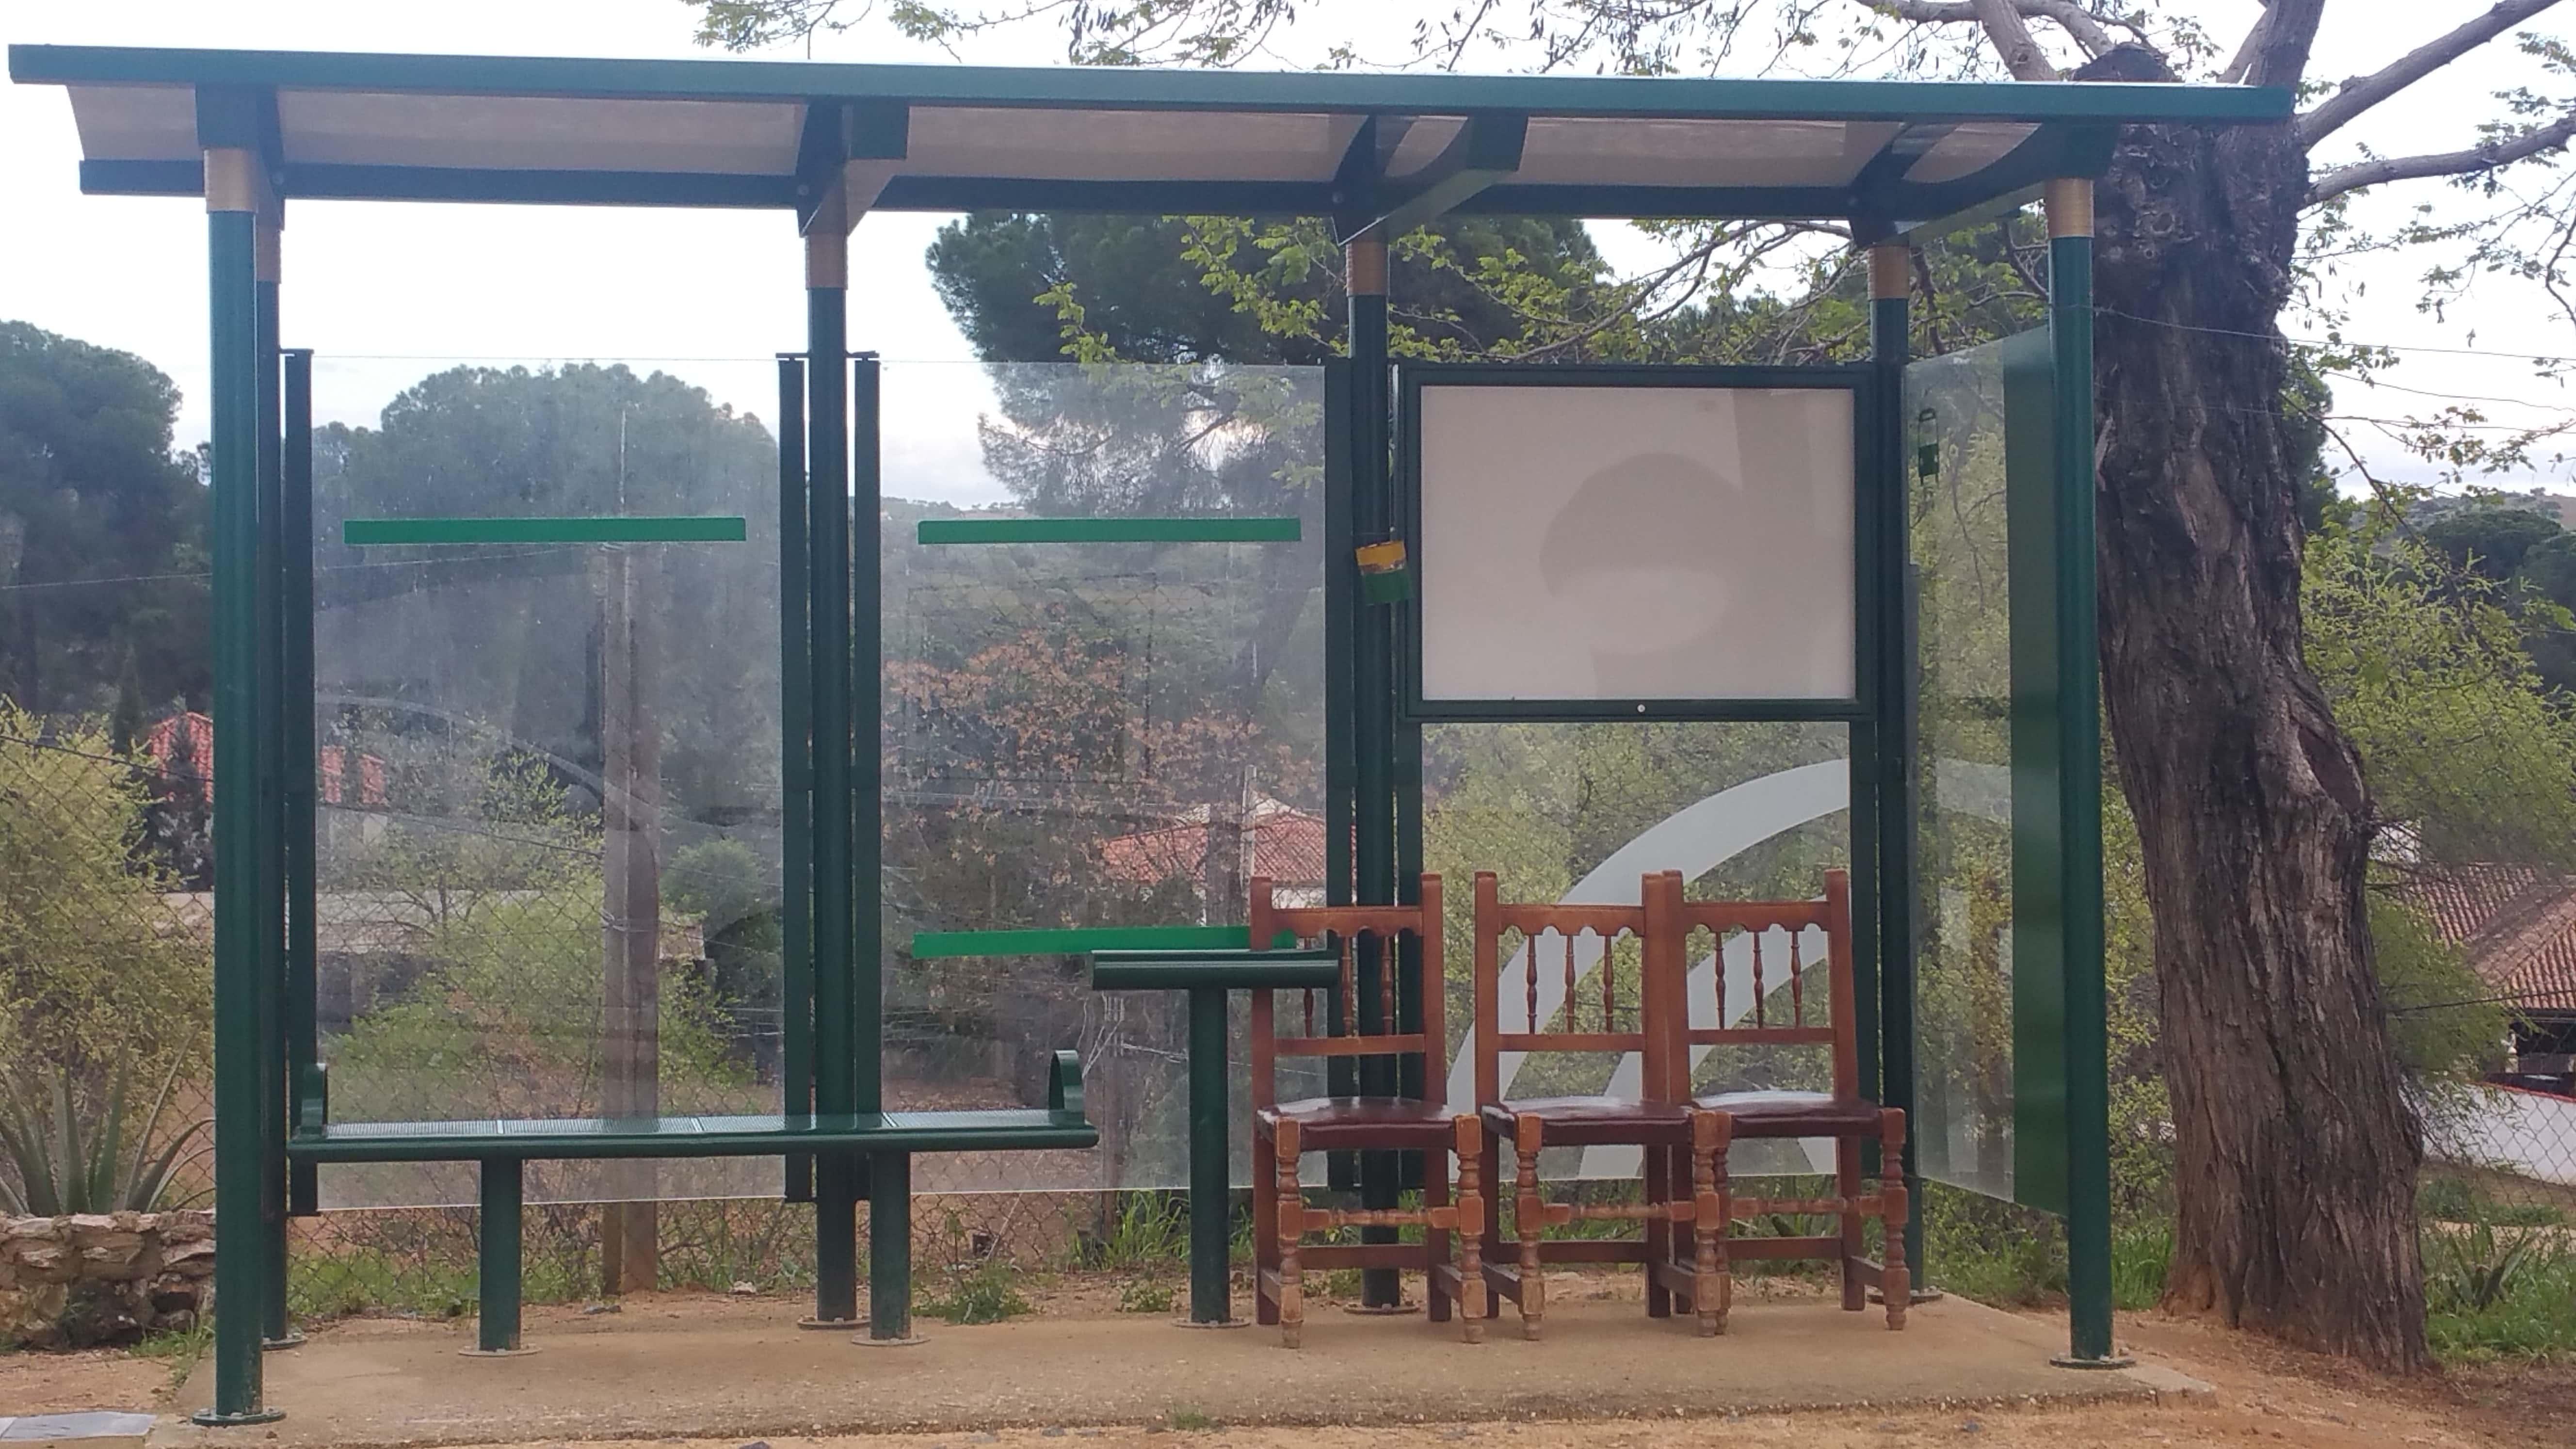 Detalle de la parada del autobús